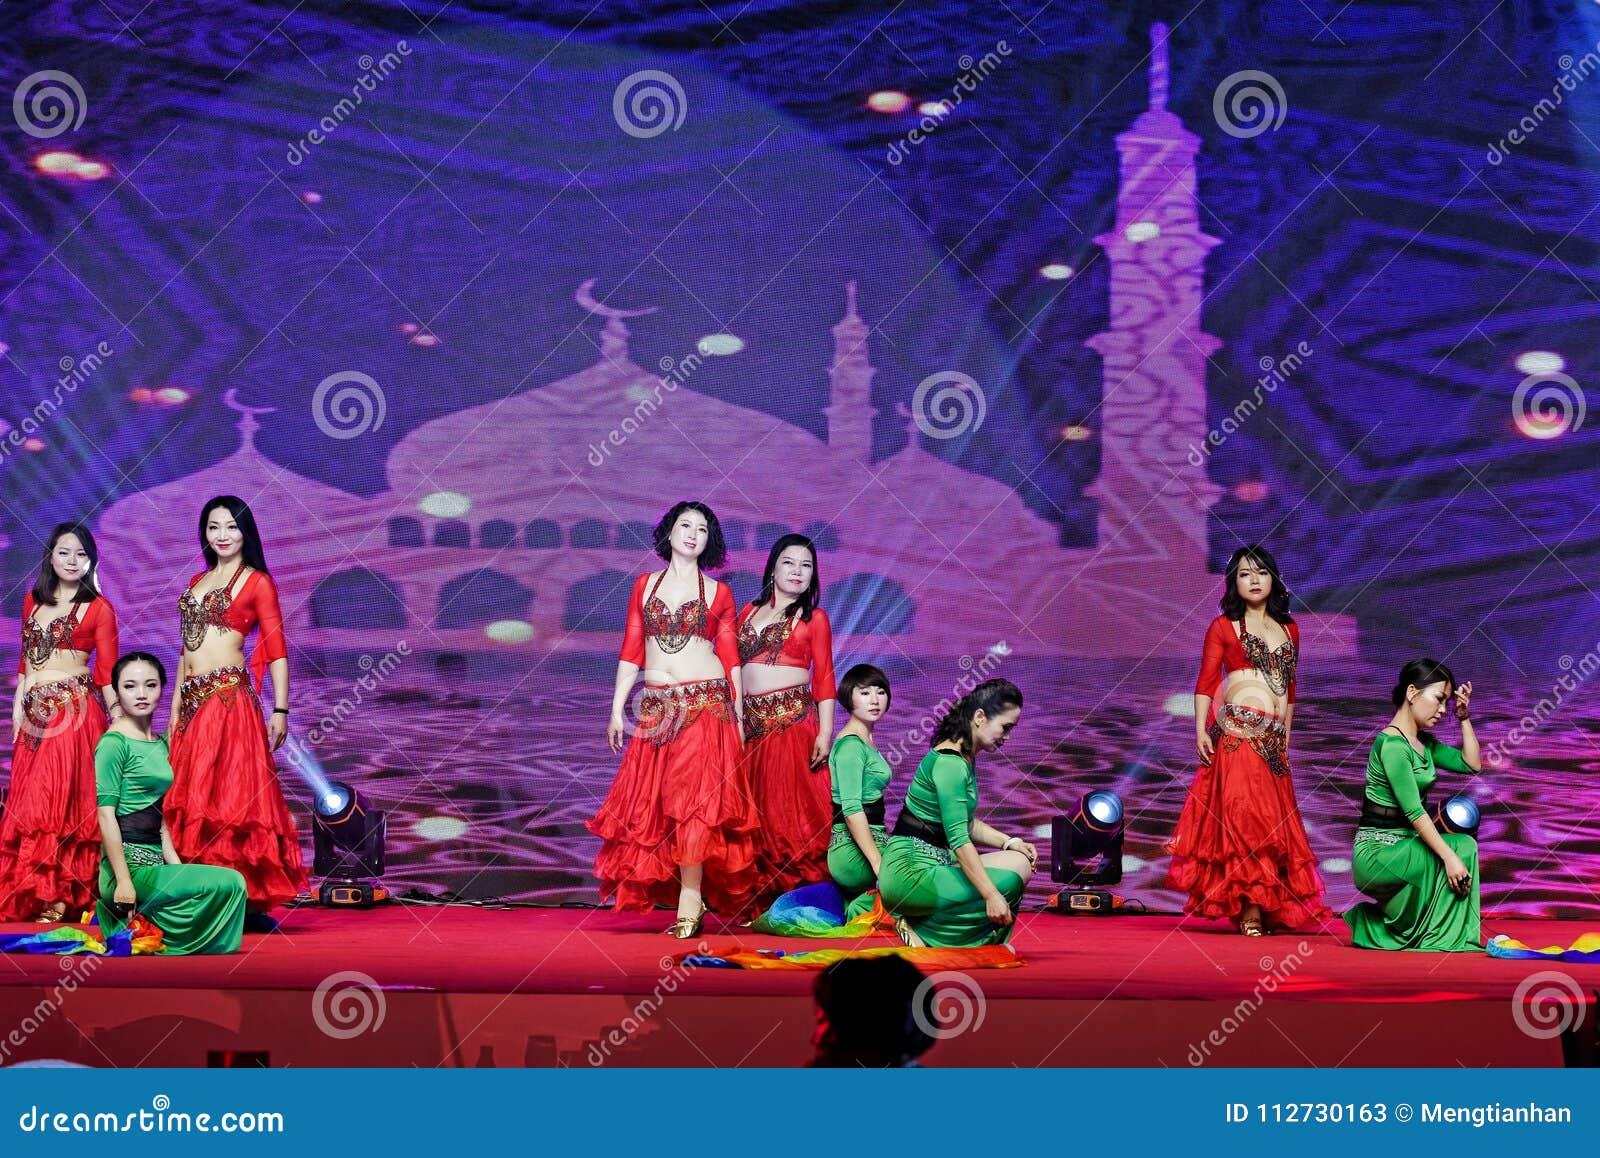 Danza de vientre collar-turca del estilo de la perla y del jade